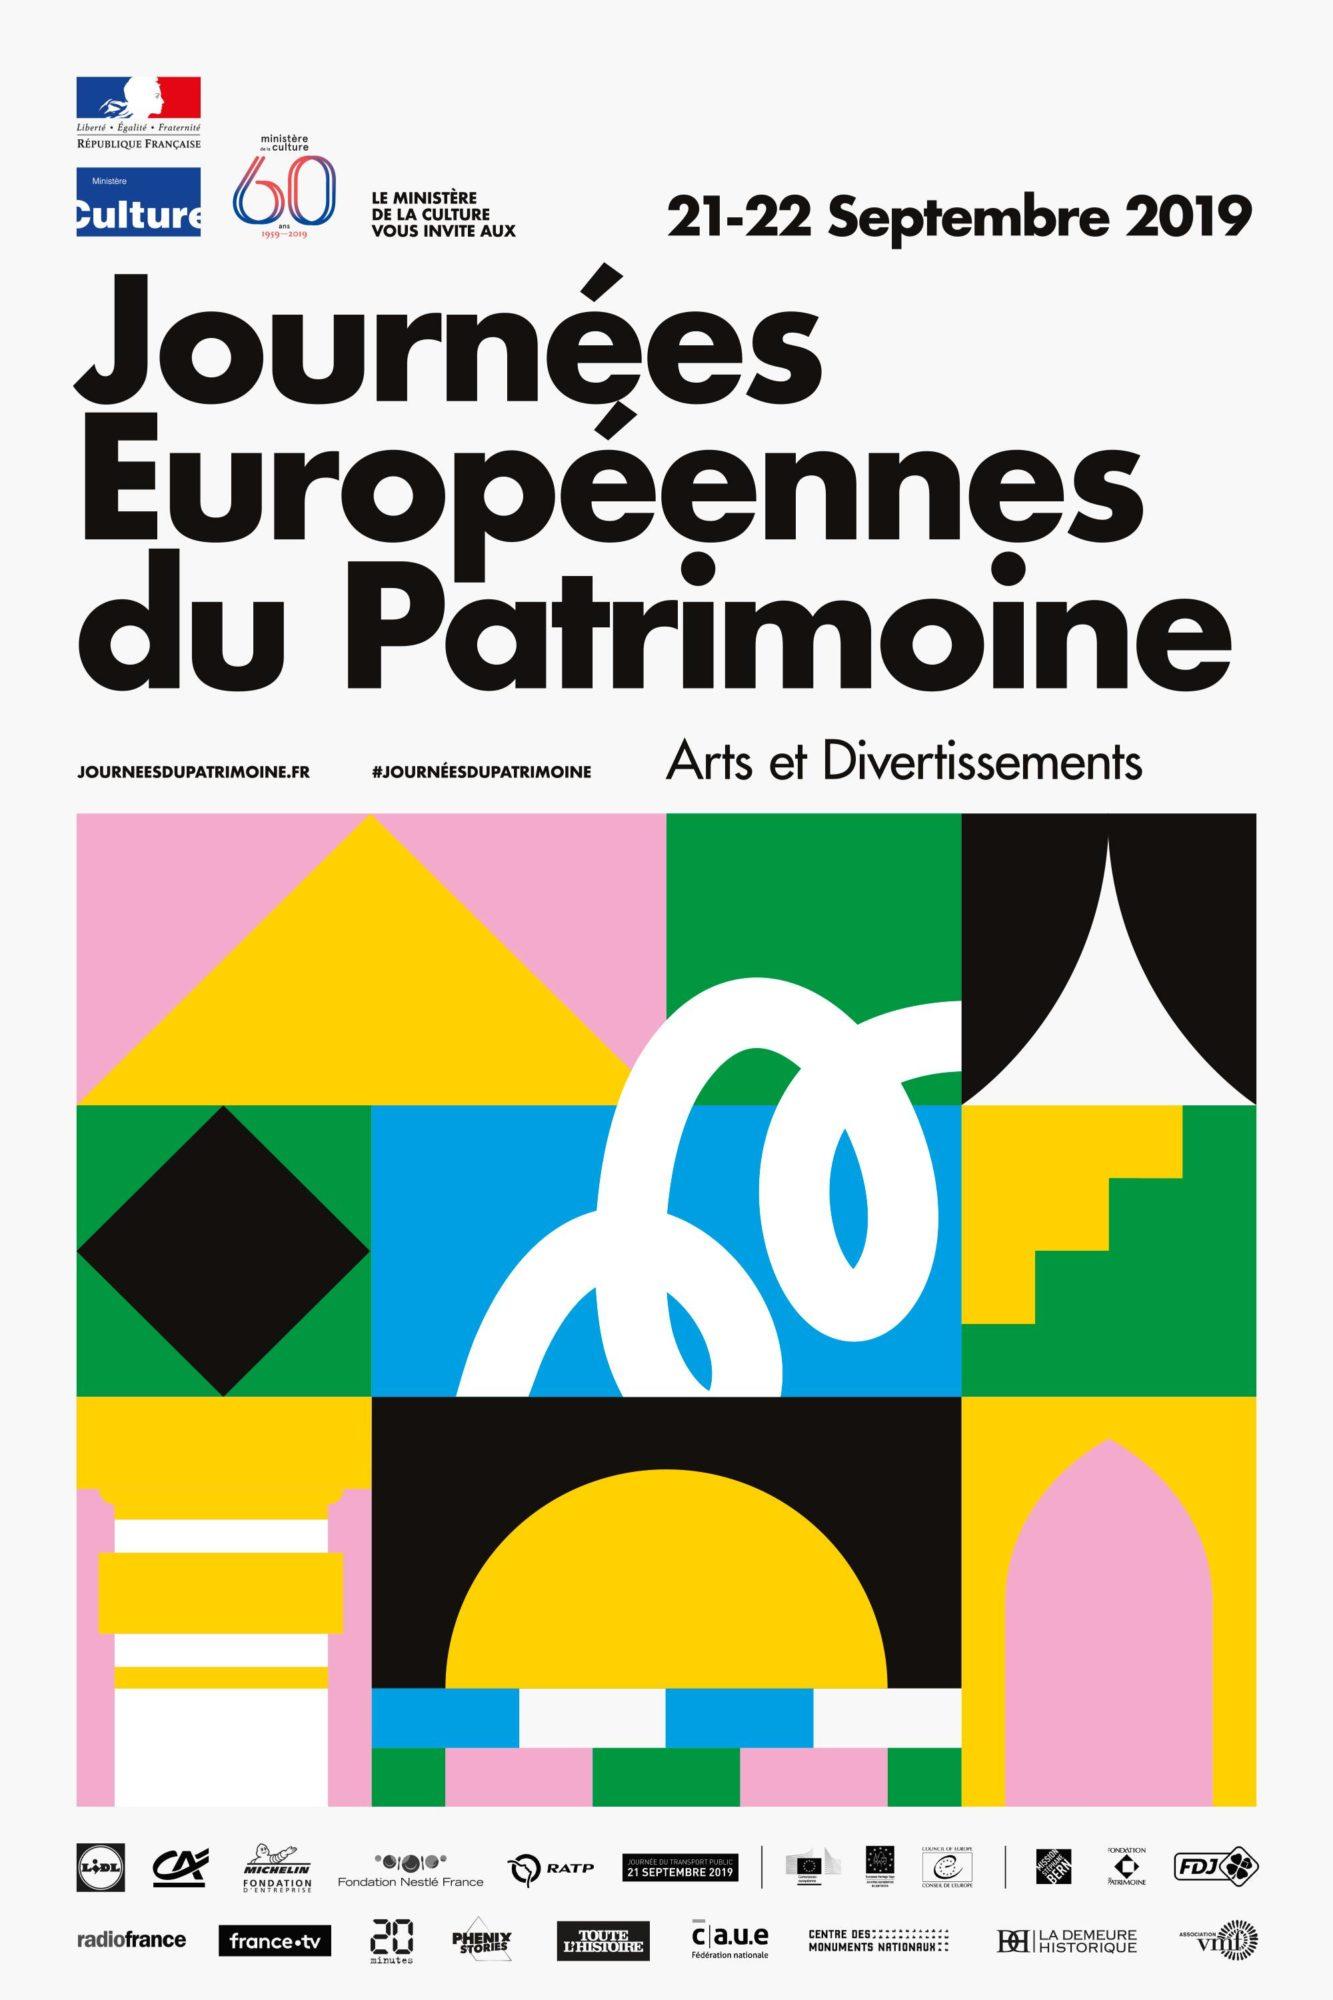 Musée de l'Air et de l'Espace - Journées européennes du patrimoine aux ateliers de Dugny